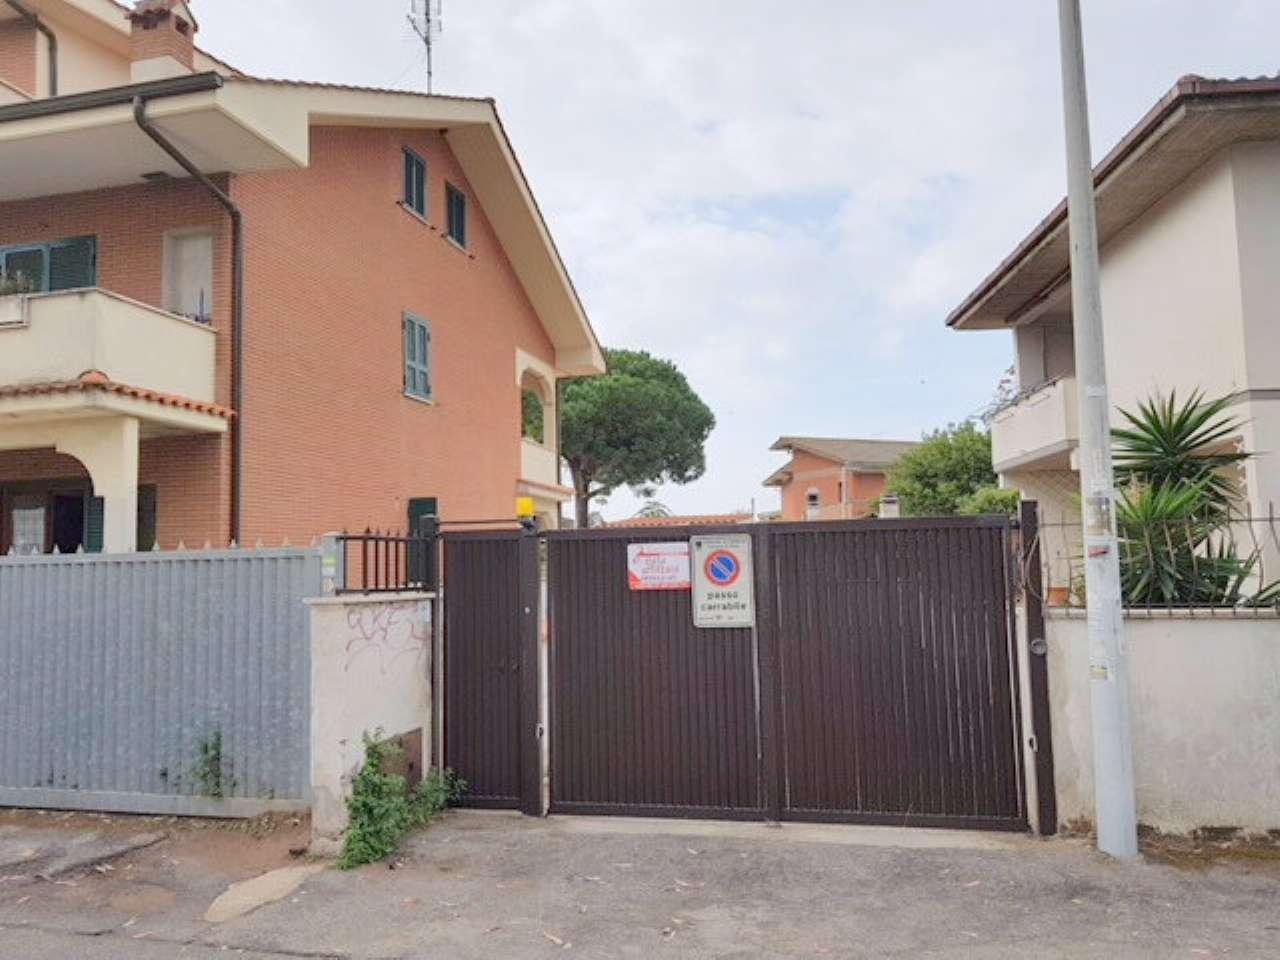 Magazzino in affitto a Pomezia, 1 locali, prezzo € 300 | CambioCasa.it